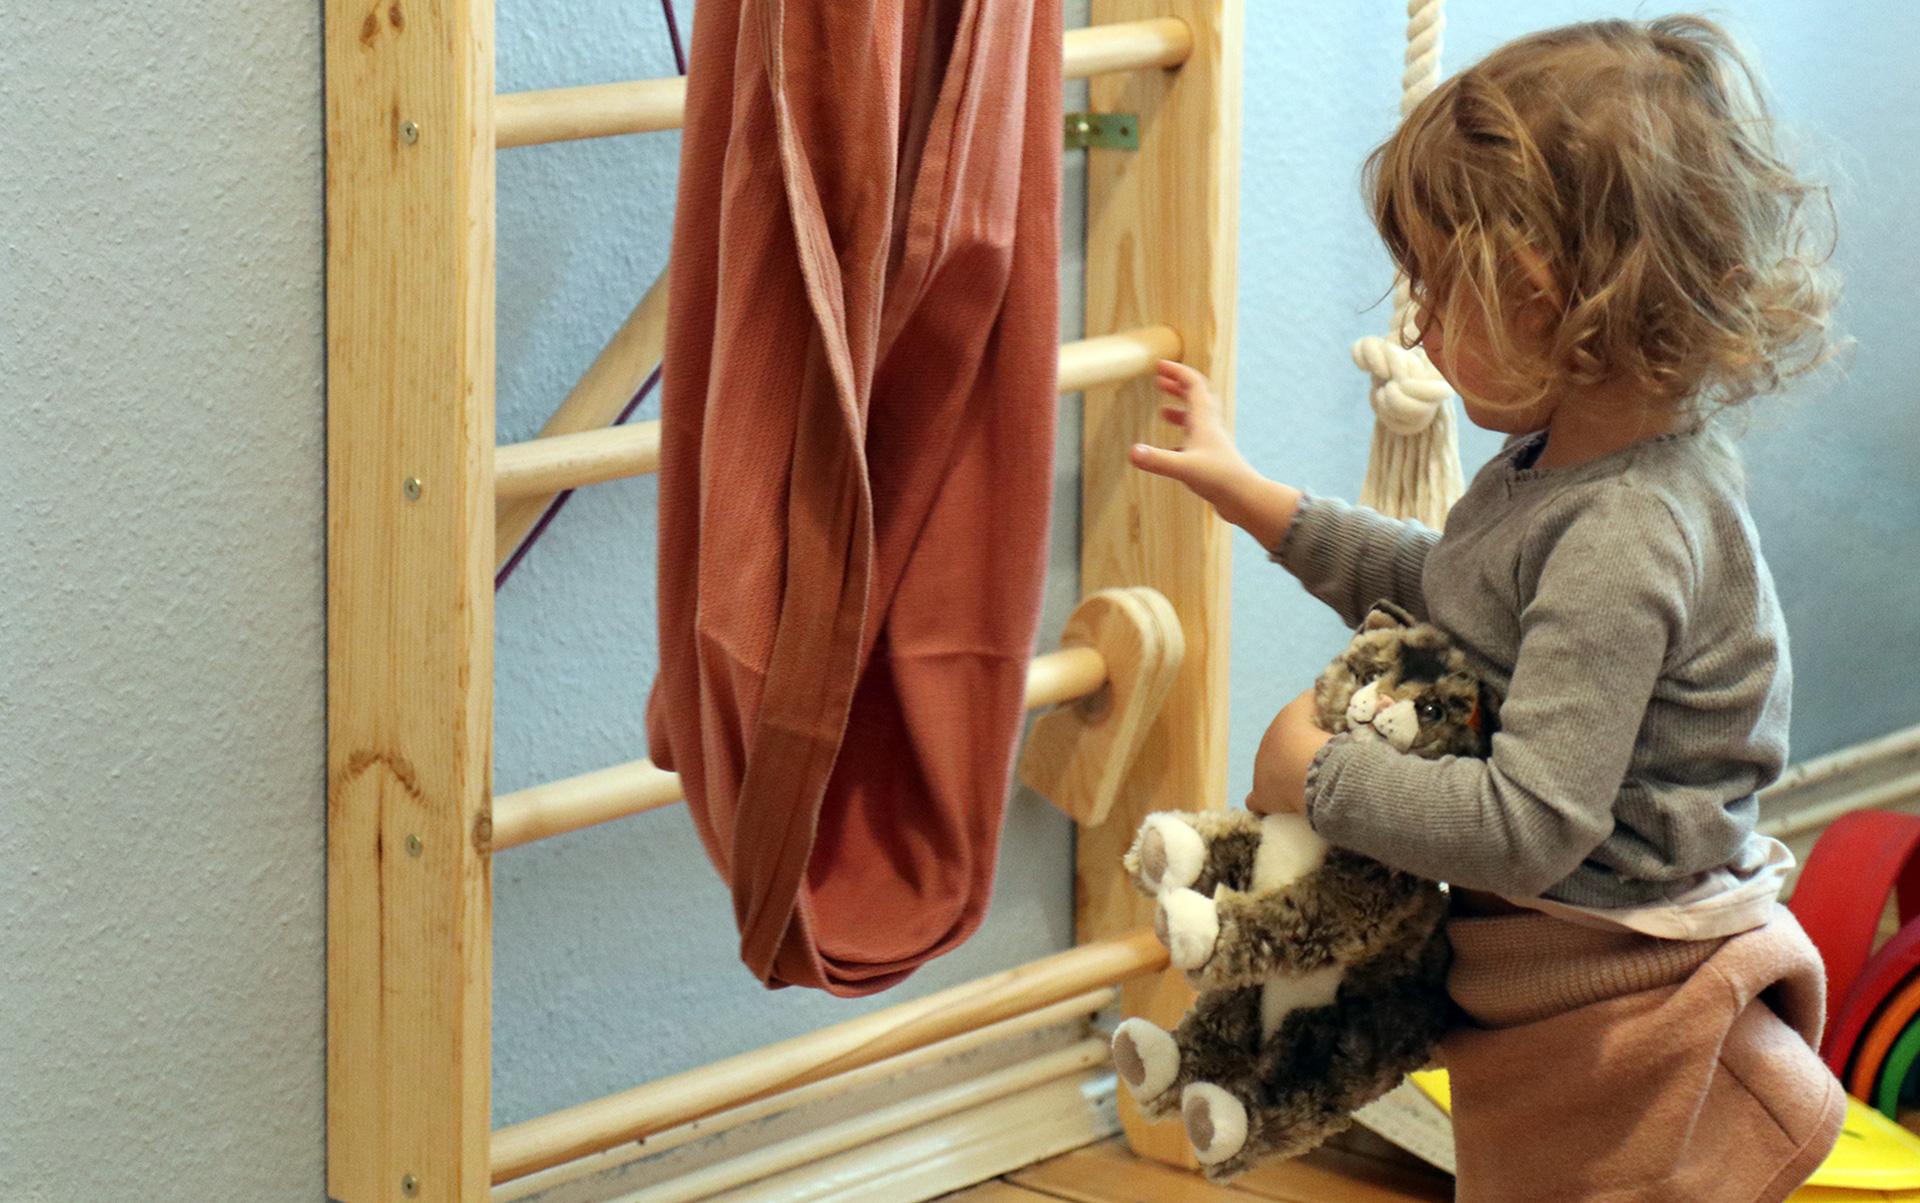 Full Size of Lieblingsspielzeug Kinderzimmer Klettergerst Von Guten Eltern Klettergerüst Garten Wohnzimmer Klettergerüst Indoor